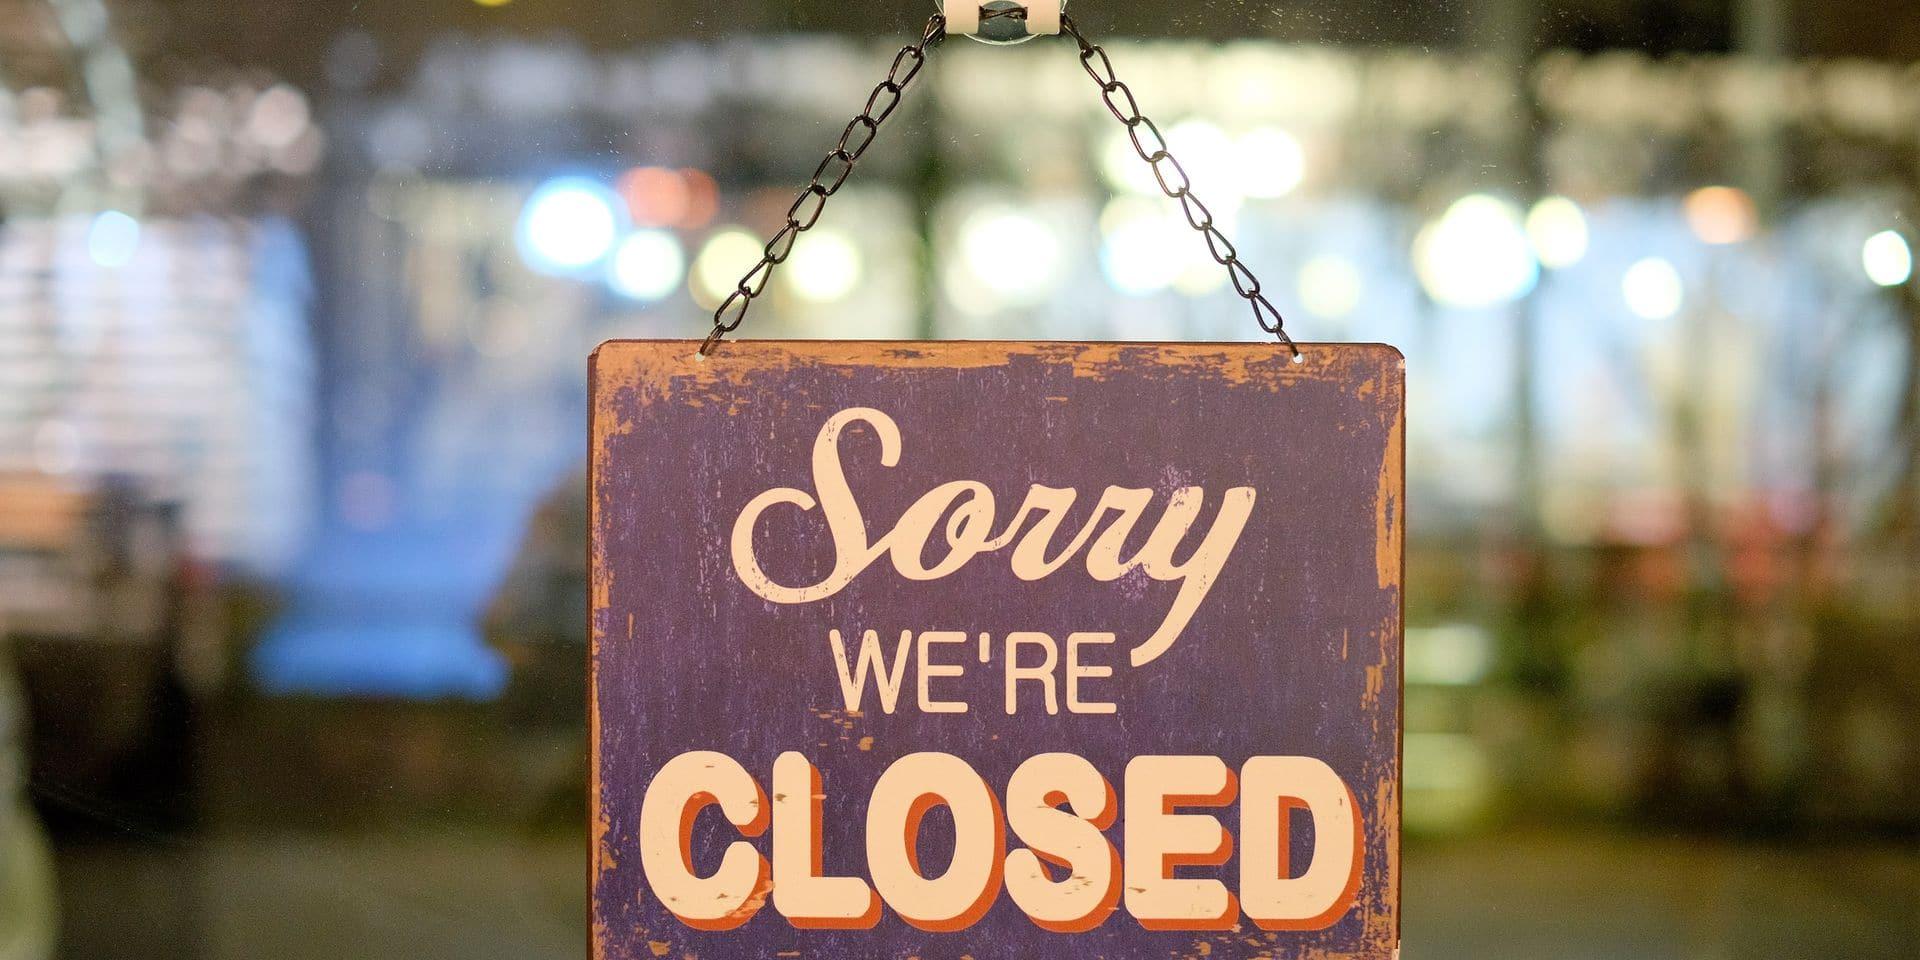 Chômage temporaire, télétravail... comment se comportent les PME ?